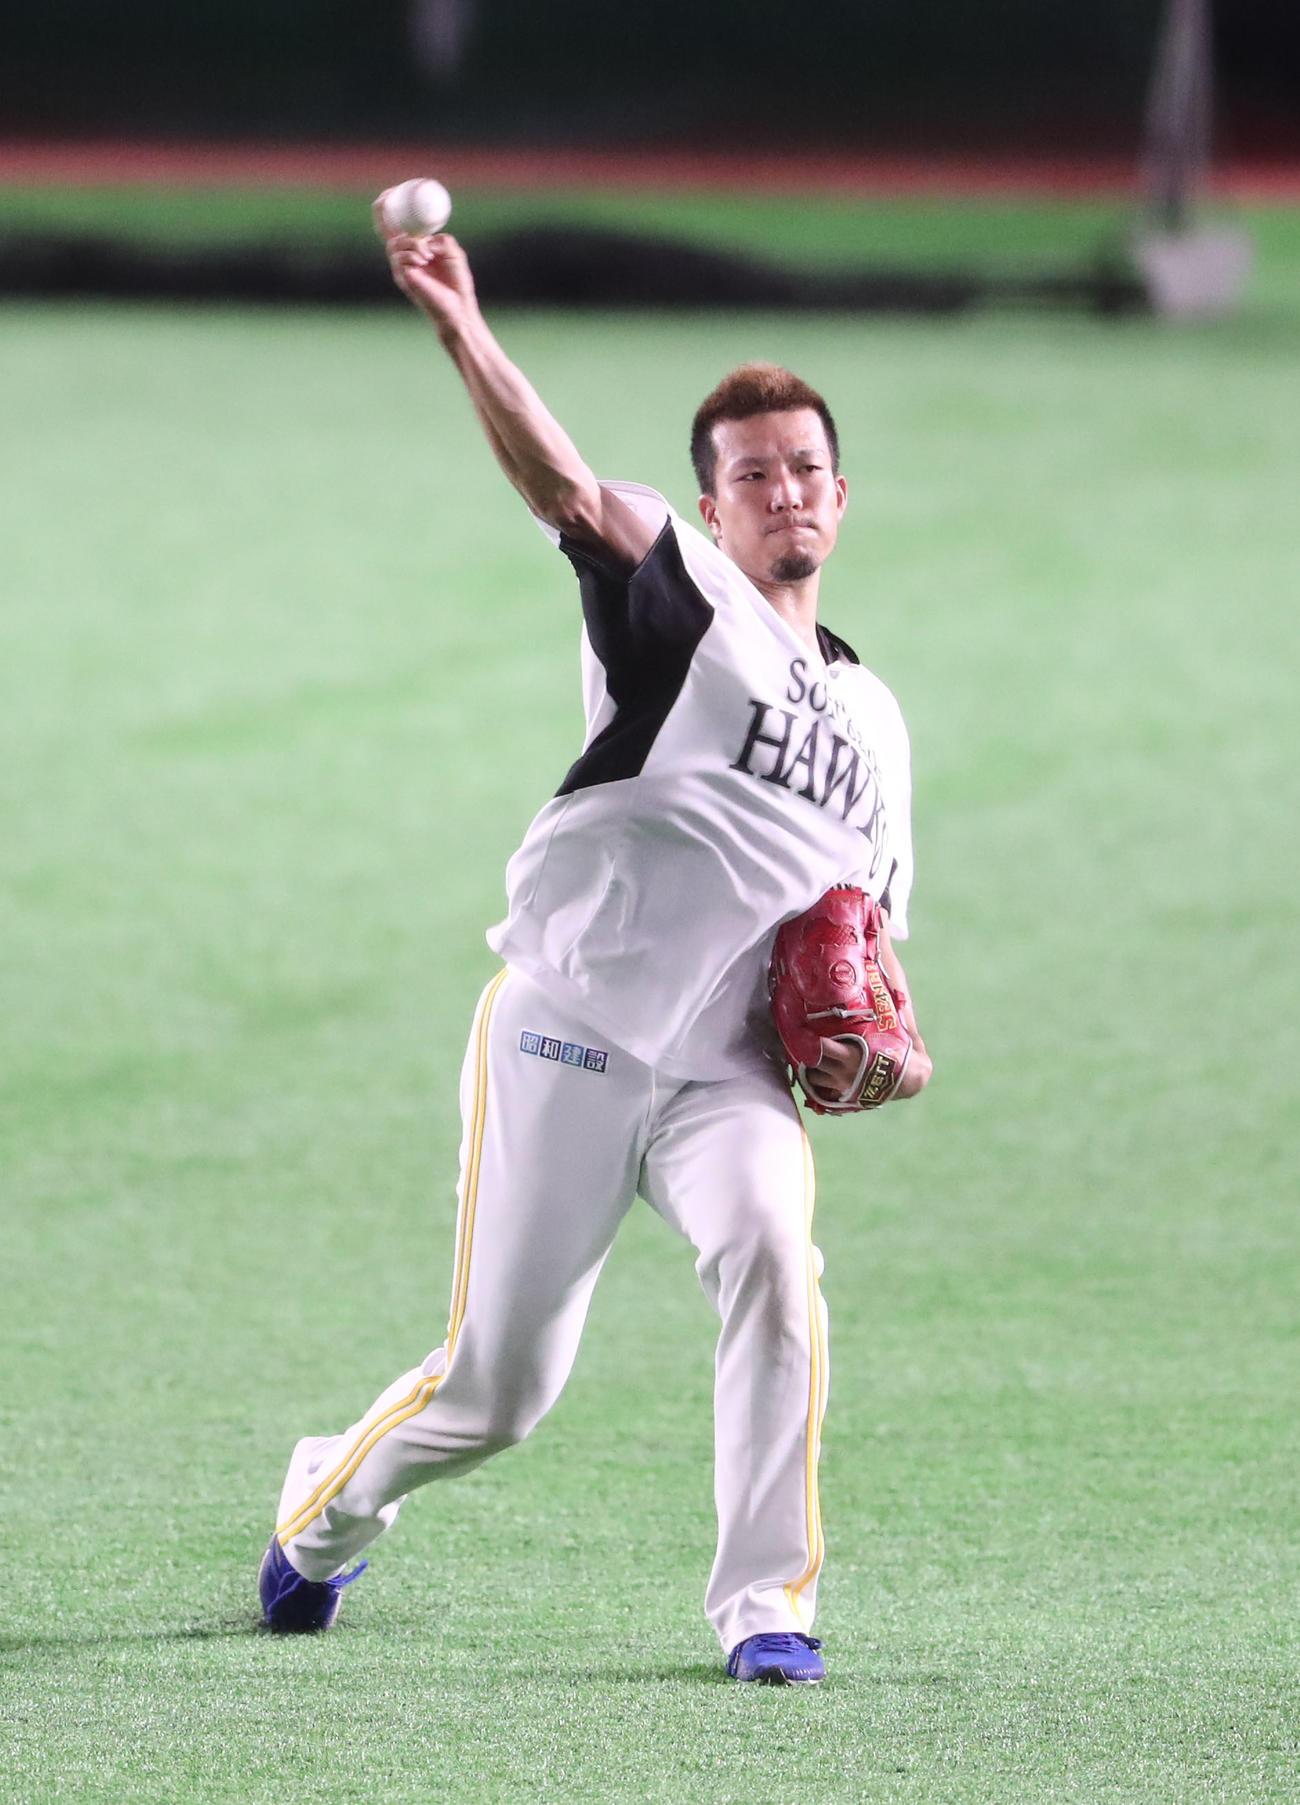 キャッチボールで調整する千賀滉大(撮影・梅根麻紀)